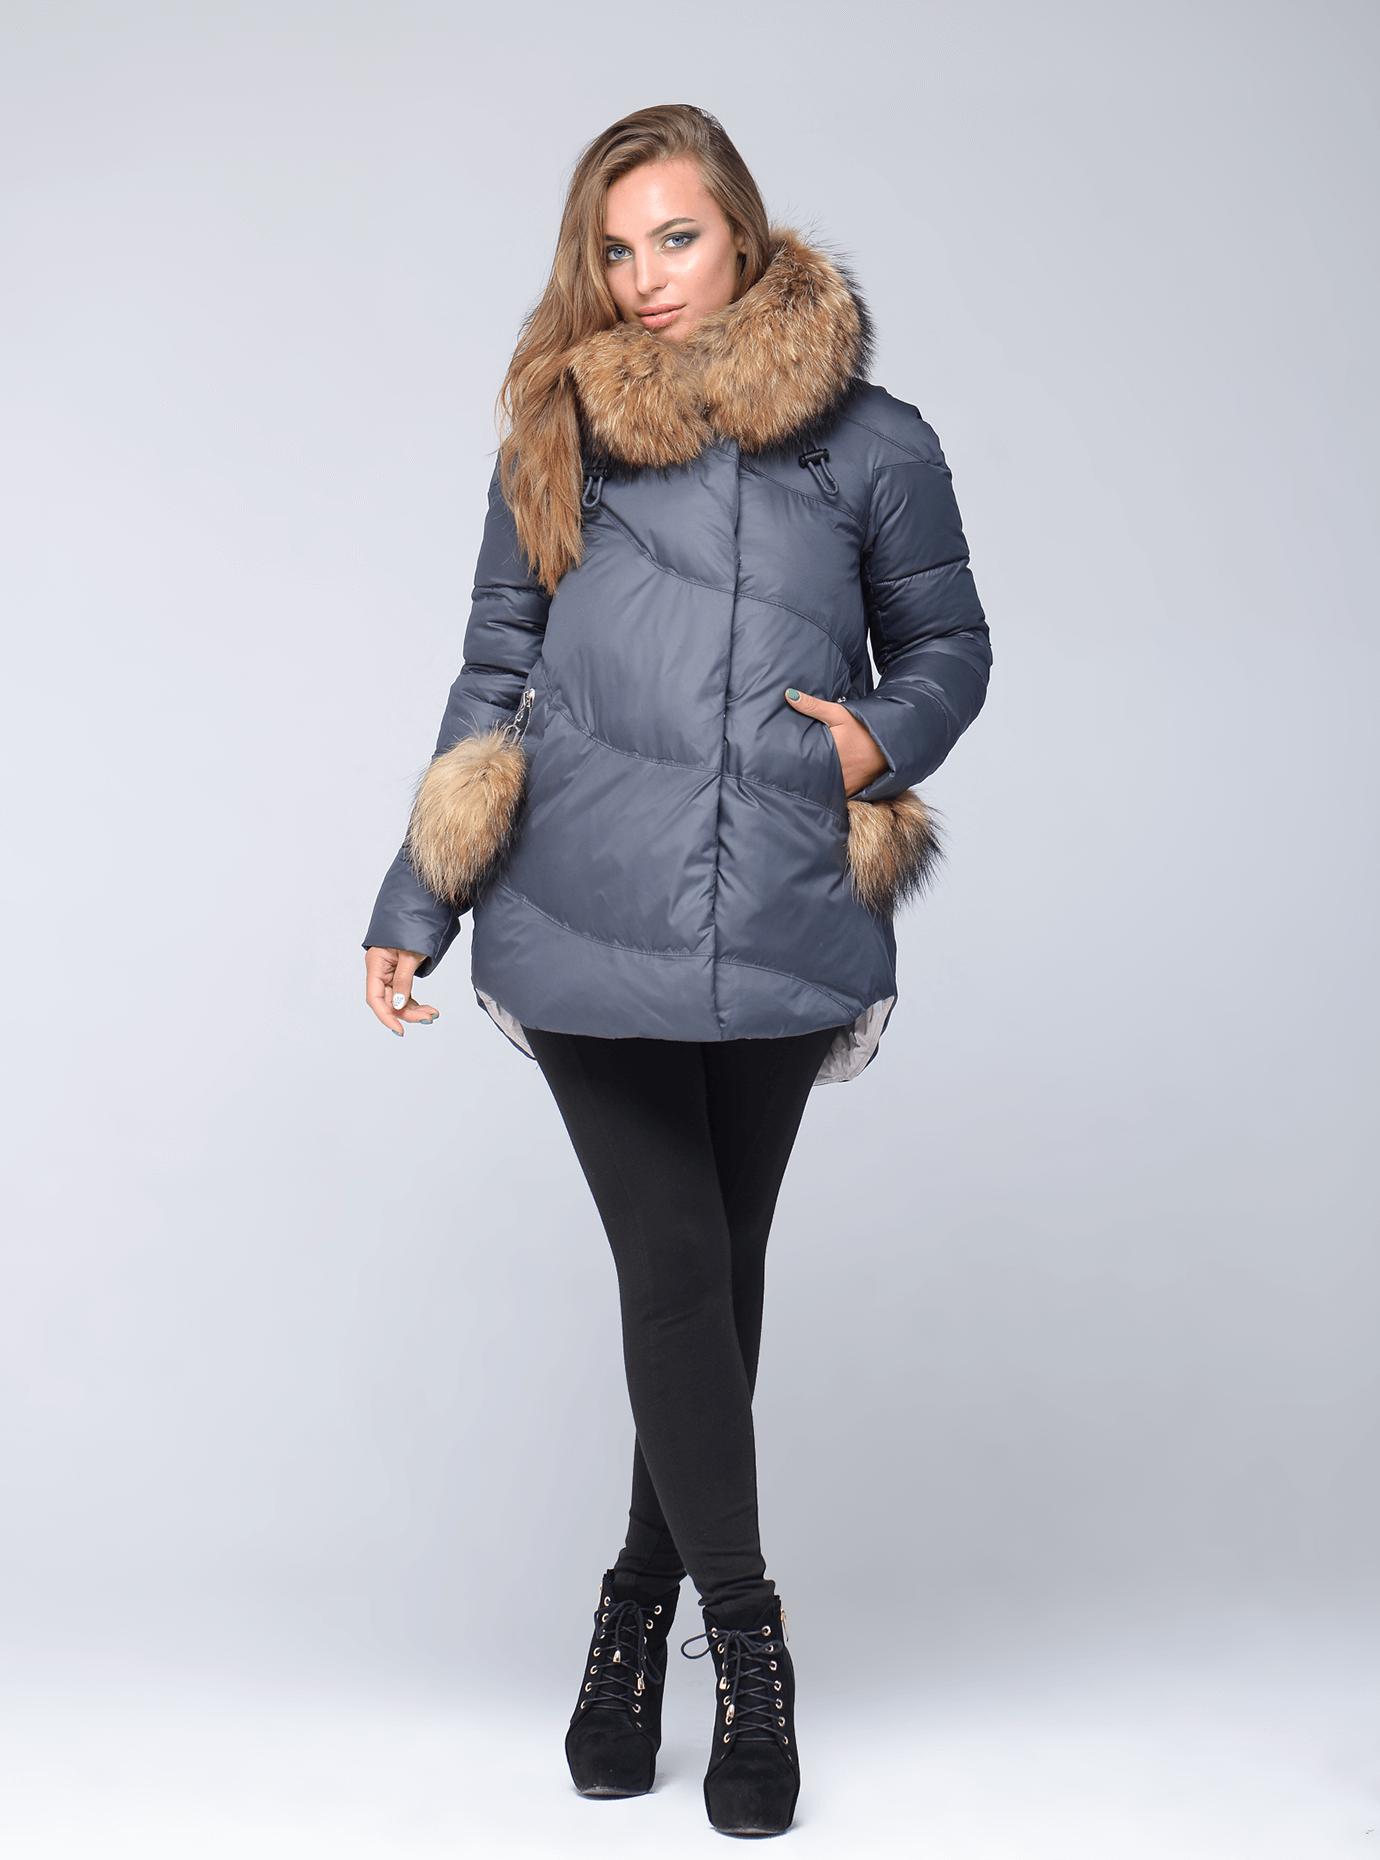 Зимняя куртка женская прямой фасон Тёмно-серый L (05-CH19026): фото - Alster.ua